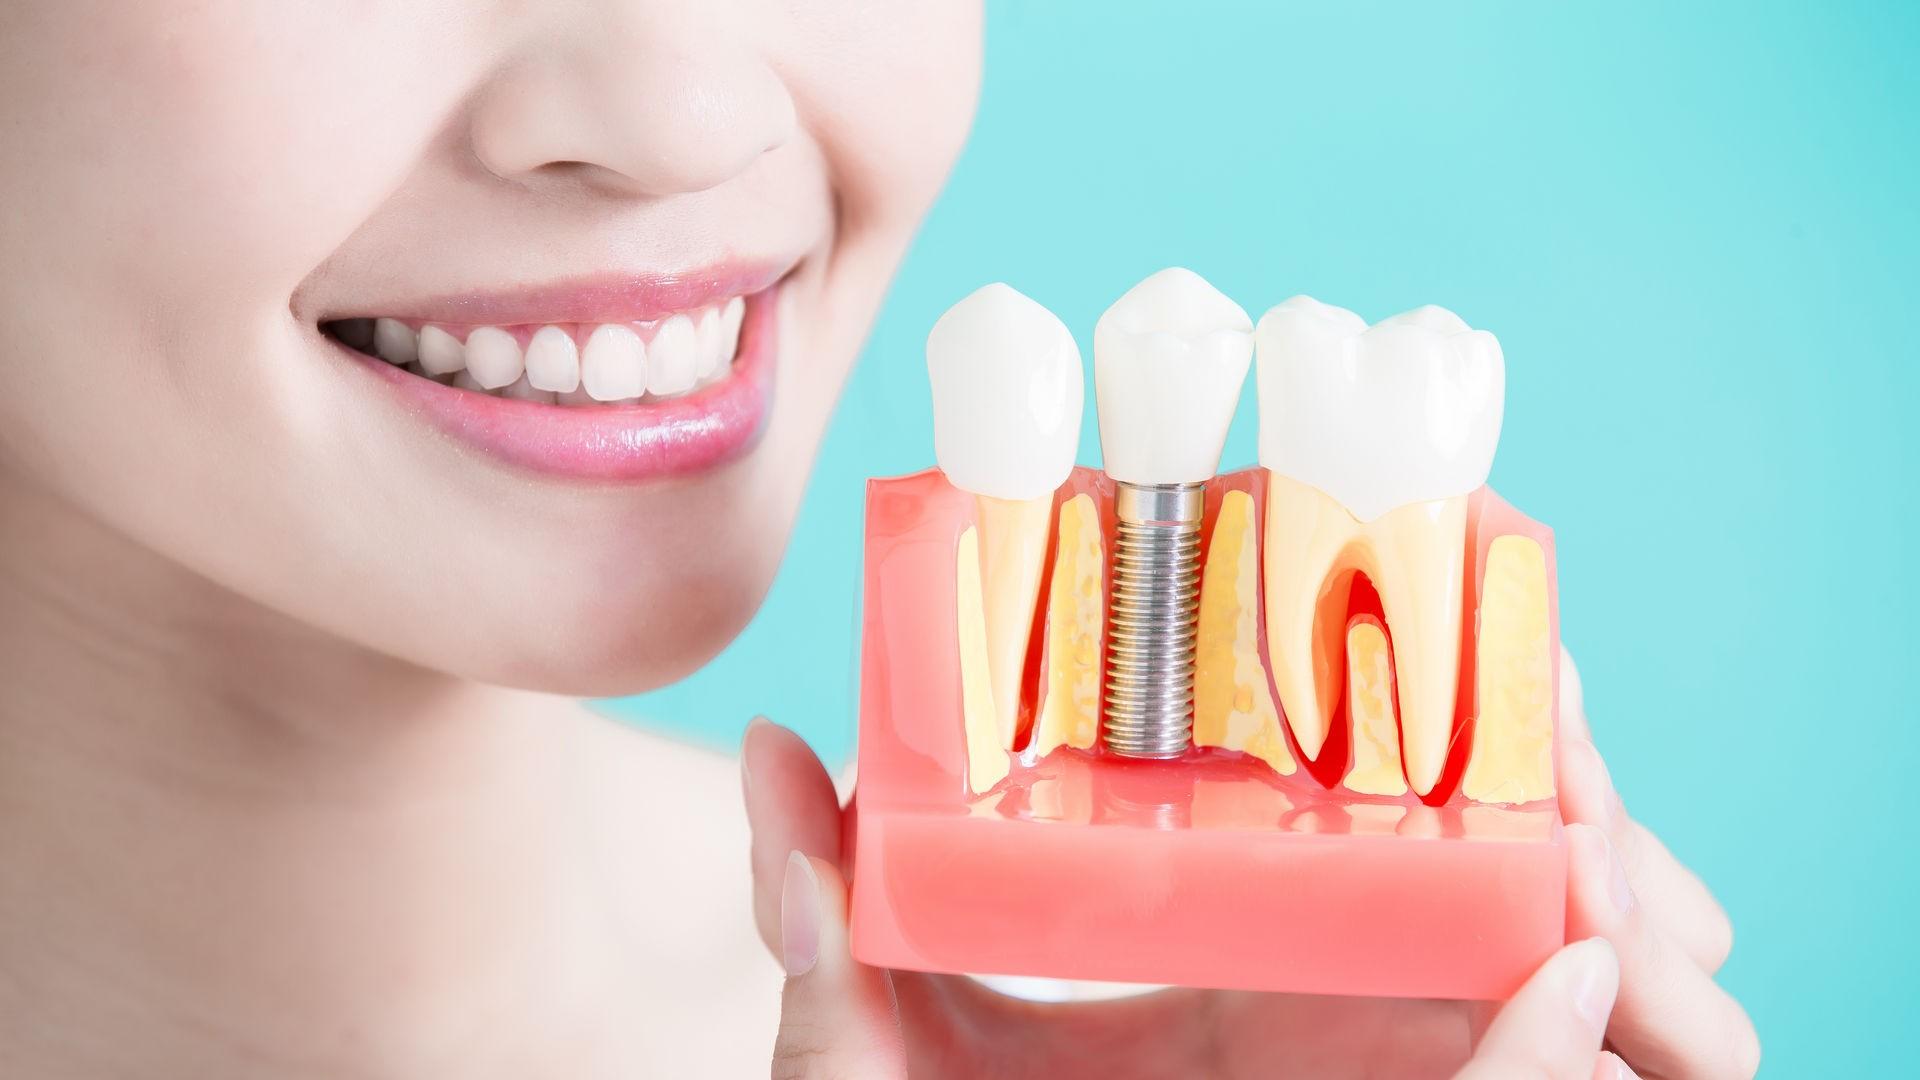 Dentalimplant Slide 1